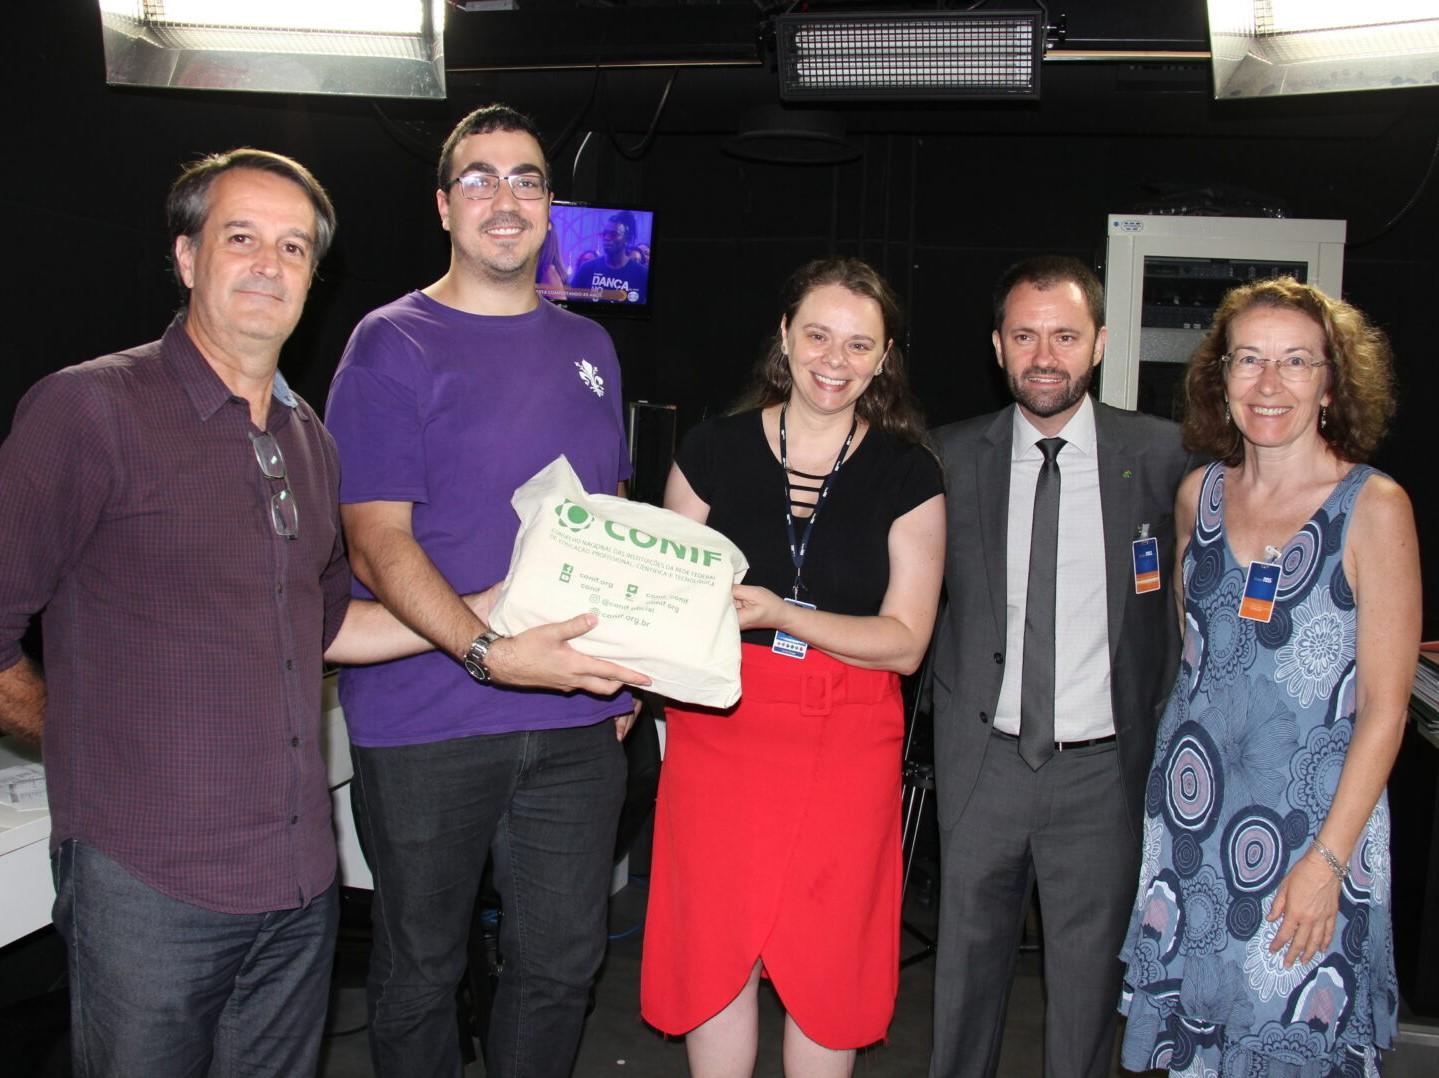 Foto de jornalistas da Gaúcha ZH, reitor e professora do IFRS com o troféu do Prêmio Conif de Jornalismo